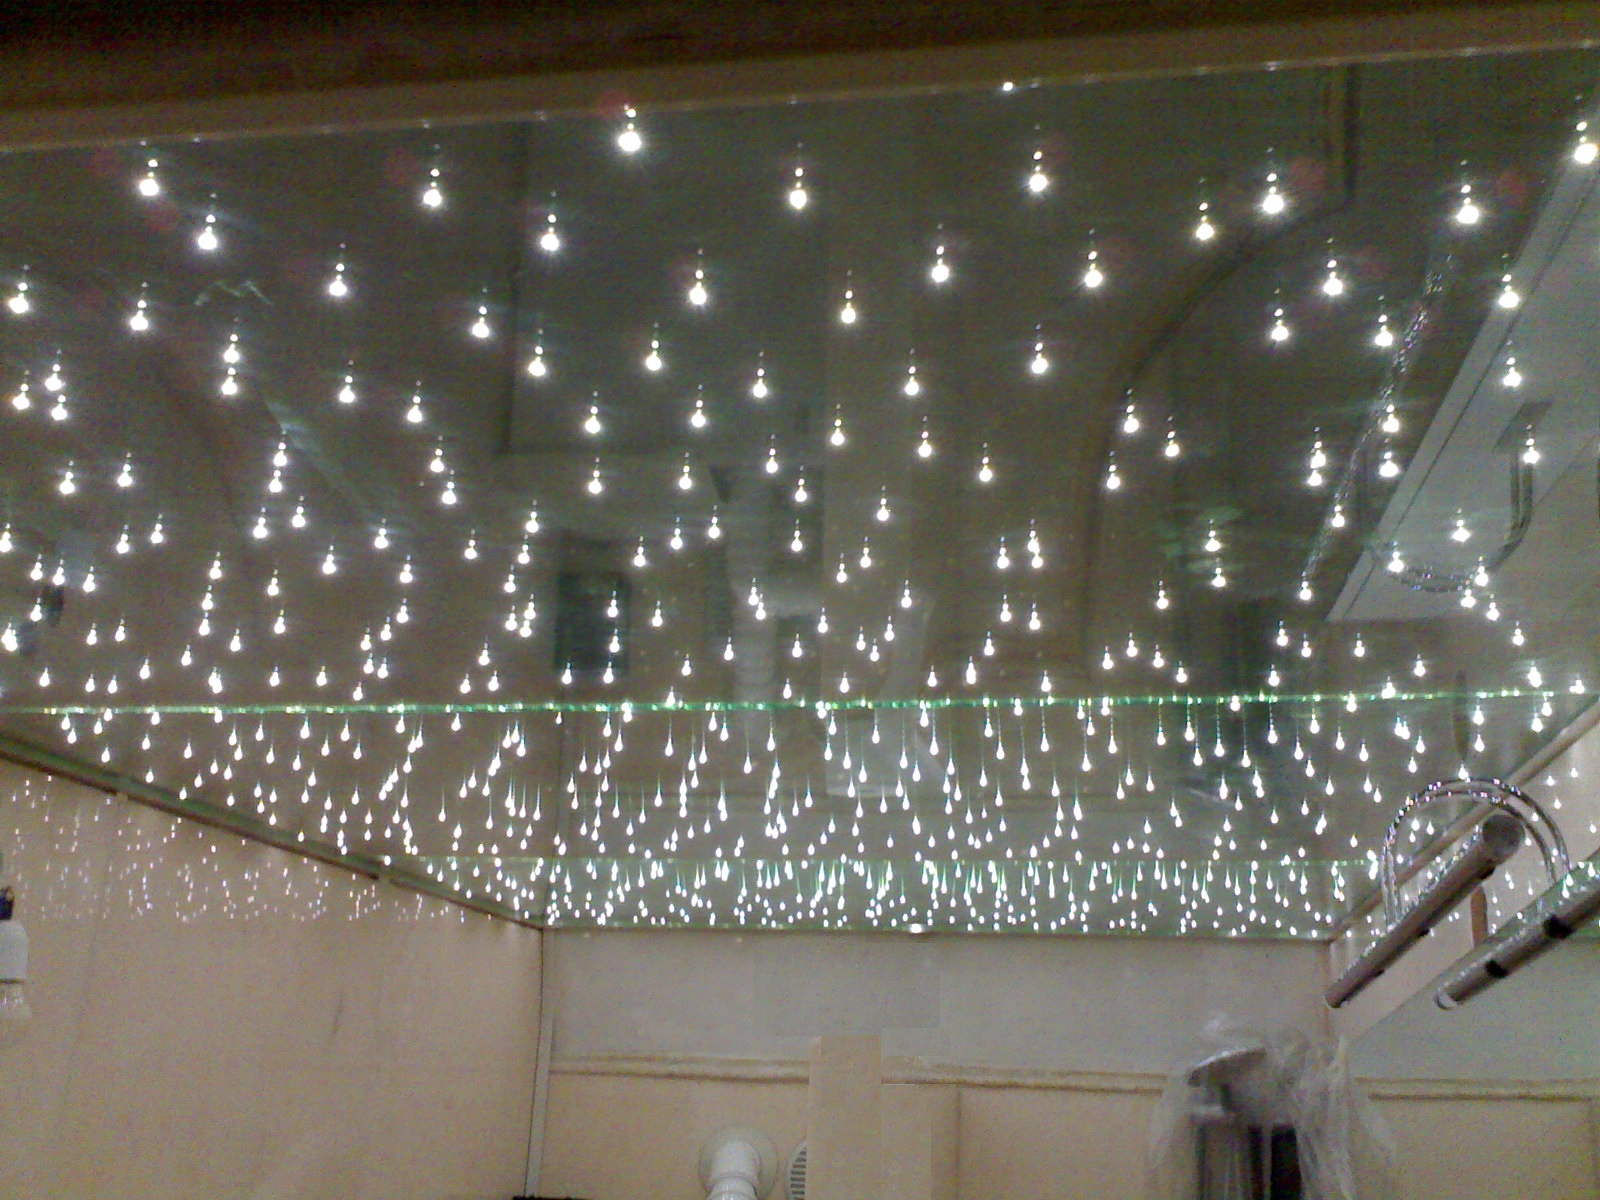 led soffitto stellato: luci di soffitto stellato acquista a poco ... - Luci Soffitto Stellato